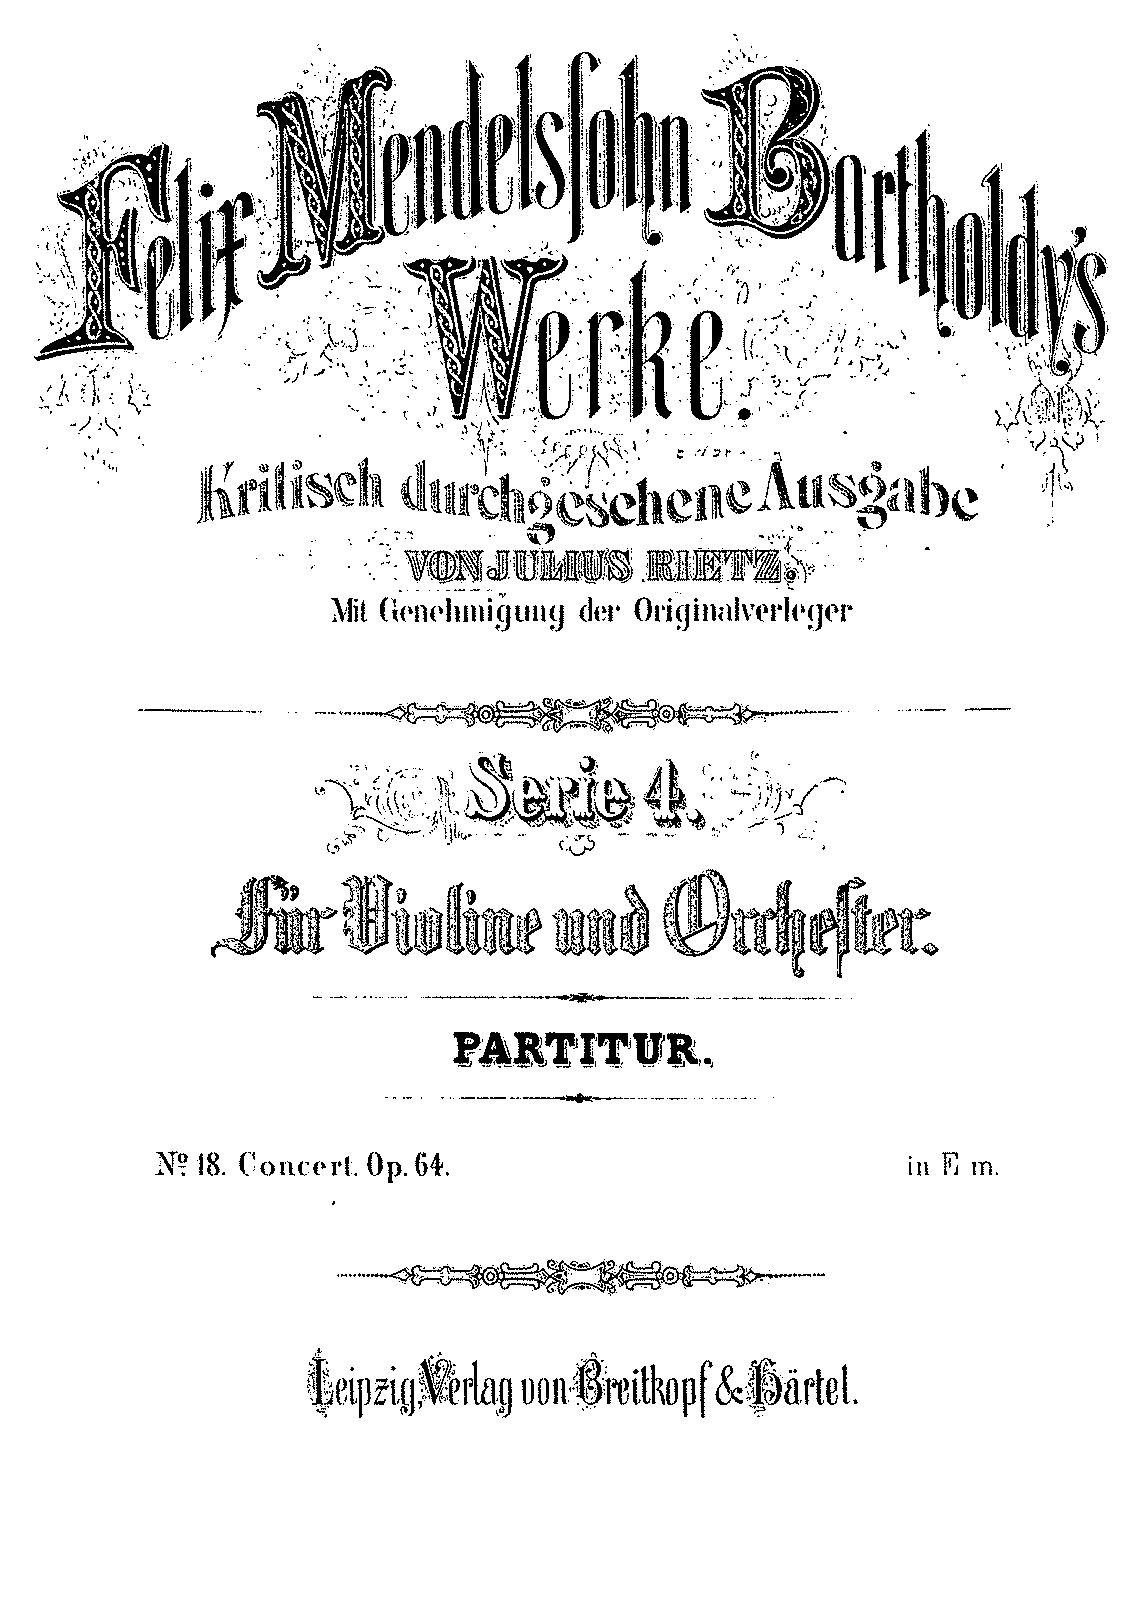 Violin Concerto, Op 64 (Mendelssohn, Felix) - IMSLP/Petrucci